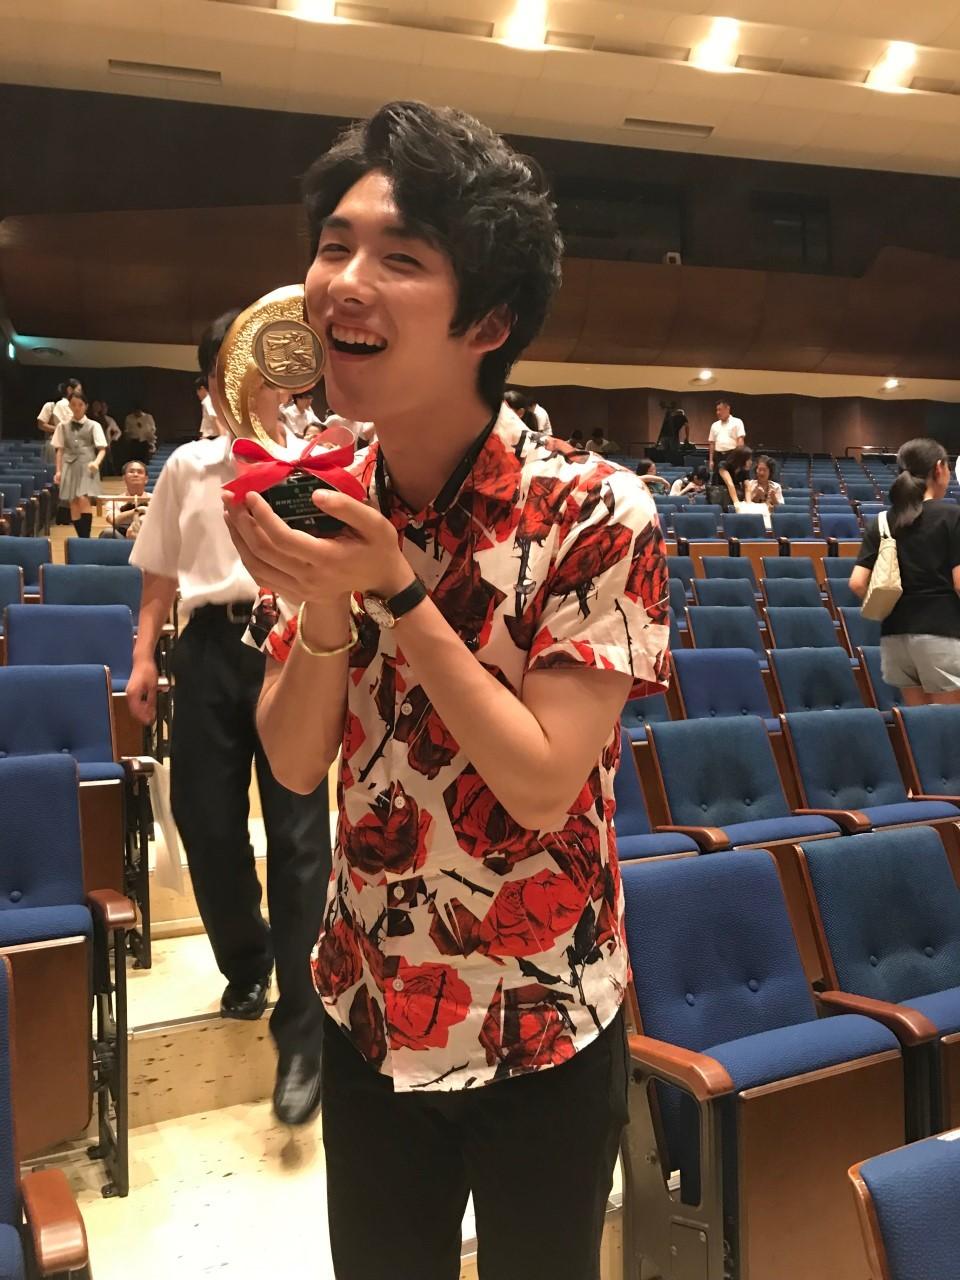 やっくんが合唱指導で通う桐光学園合唱部 Nコン全国へ!!NHKホールで開催される全国大会への初出場です_a0157409_15500376.jpeg